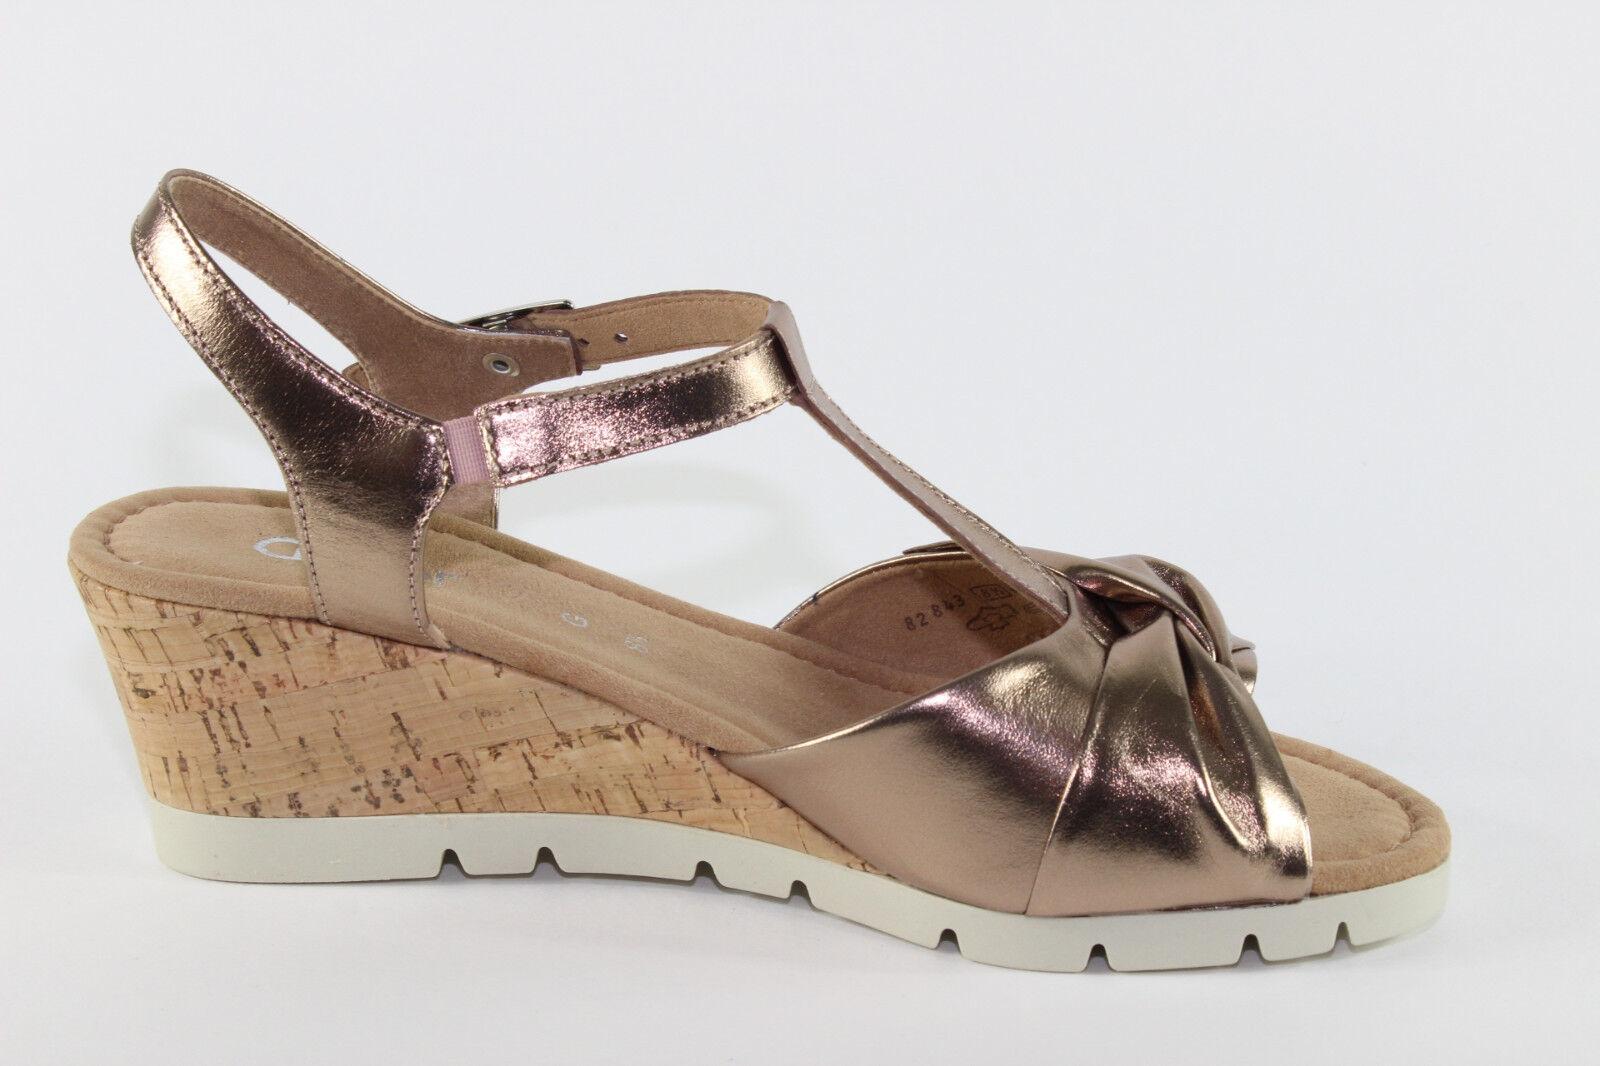 Gabor 843.94, Sandalette mit Metallic Leder u. Korkabsatz, Übergröße Damenschuhe Übergröße Korkabsatz, 8f5623